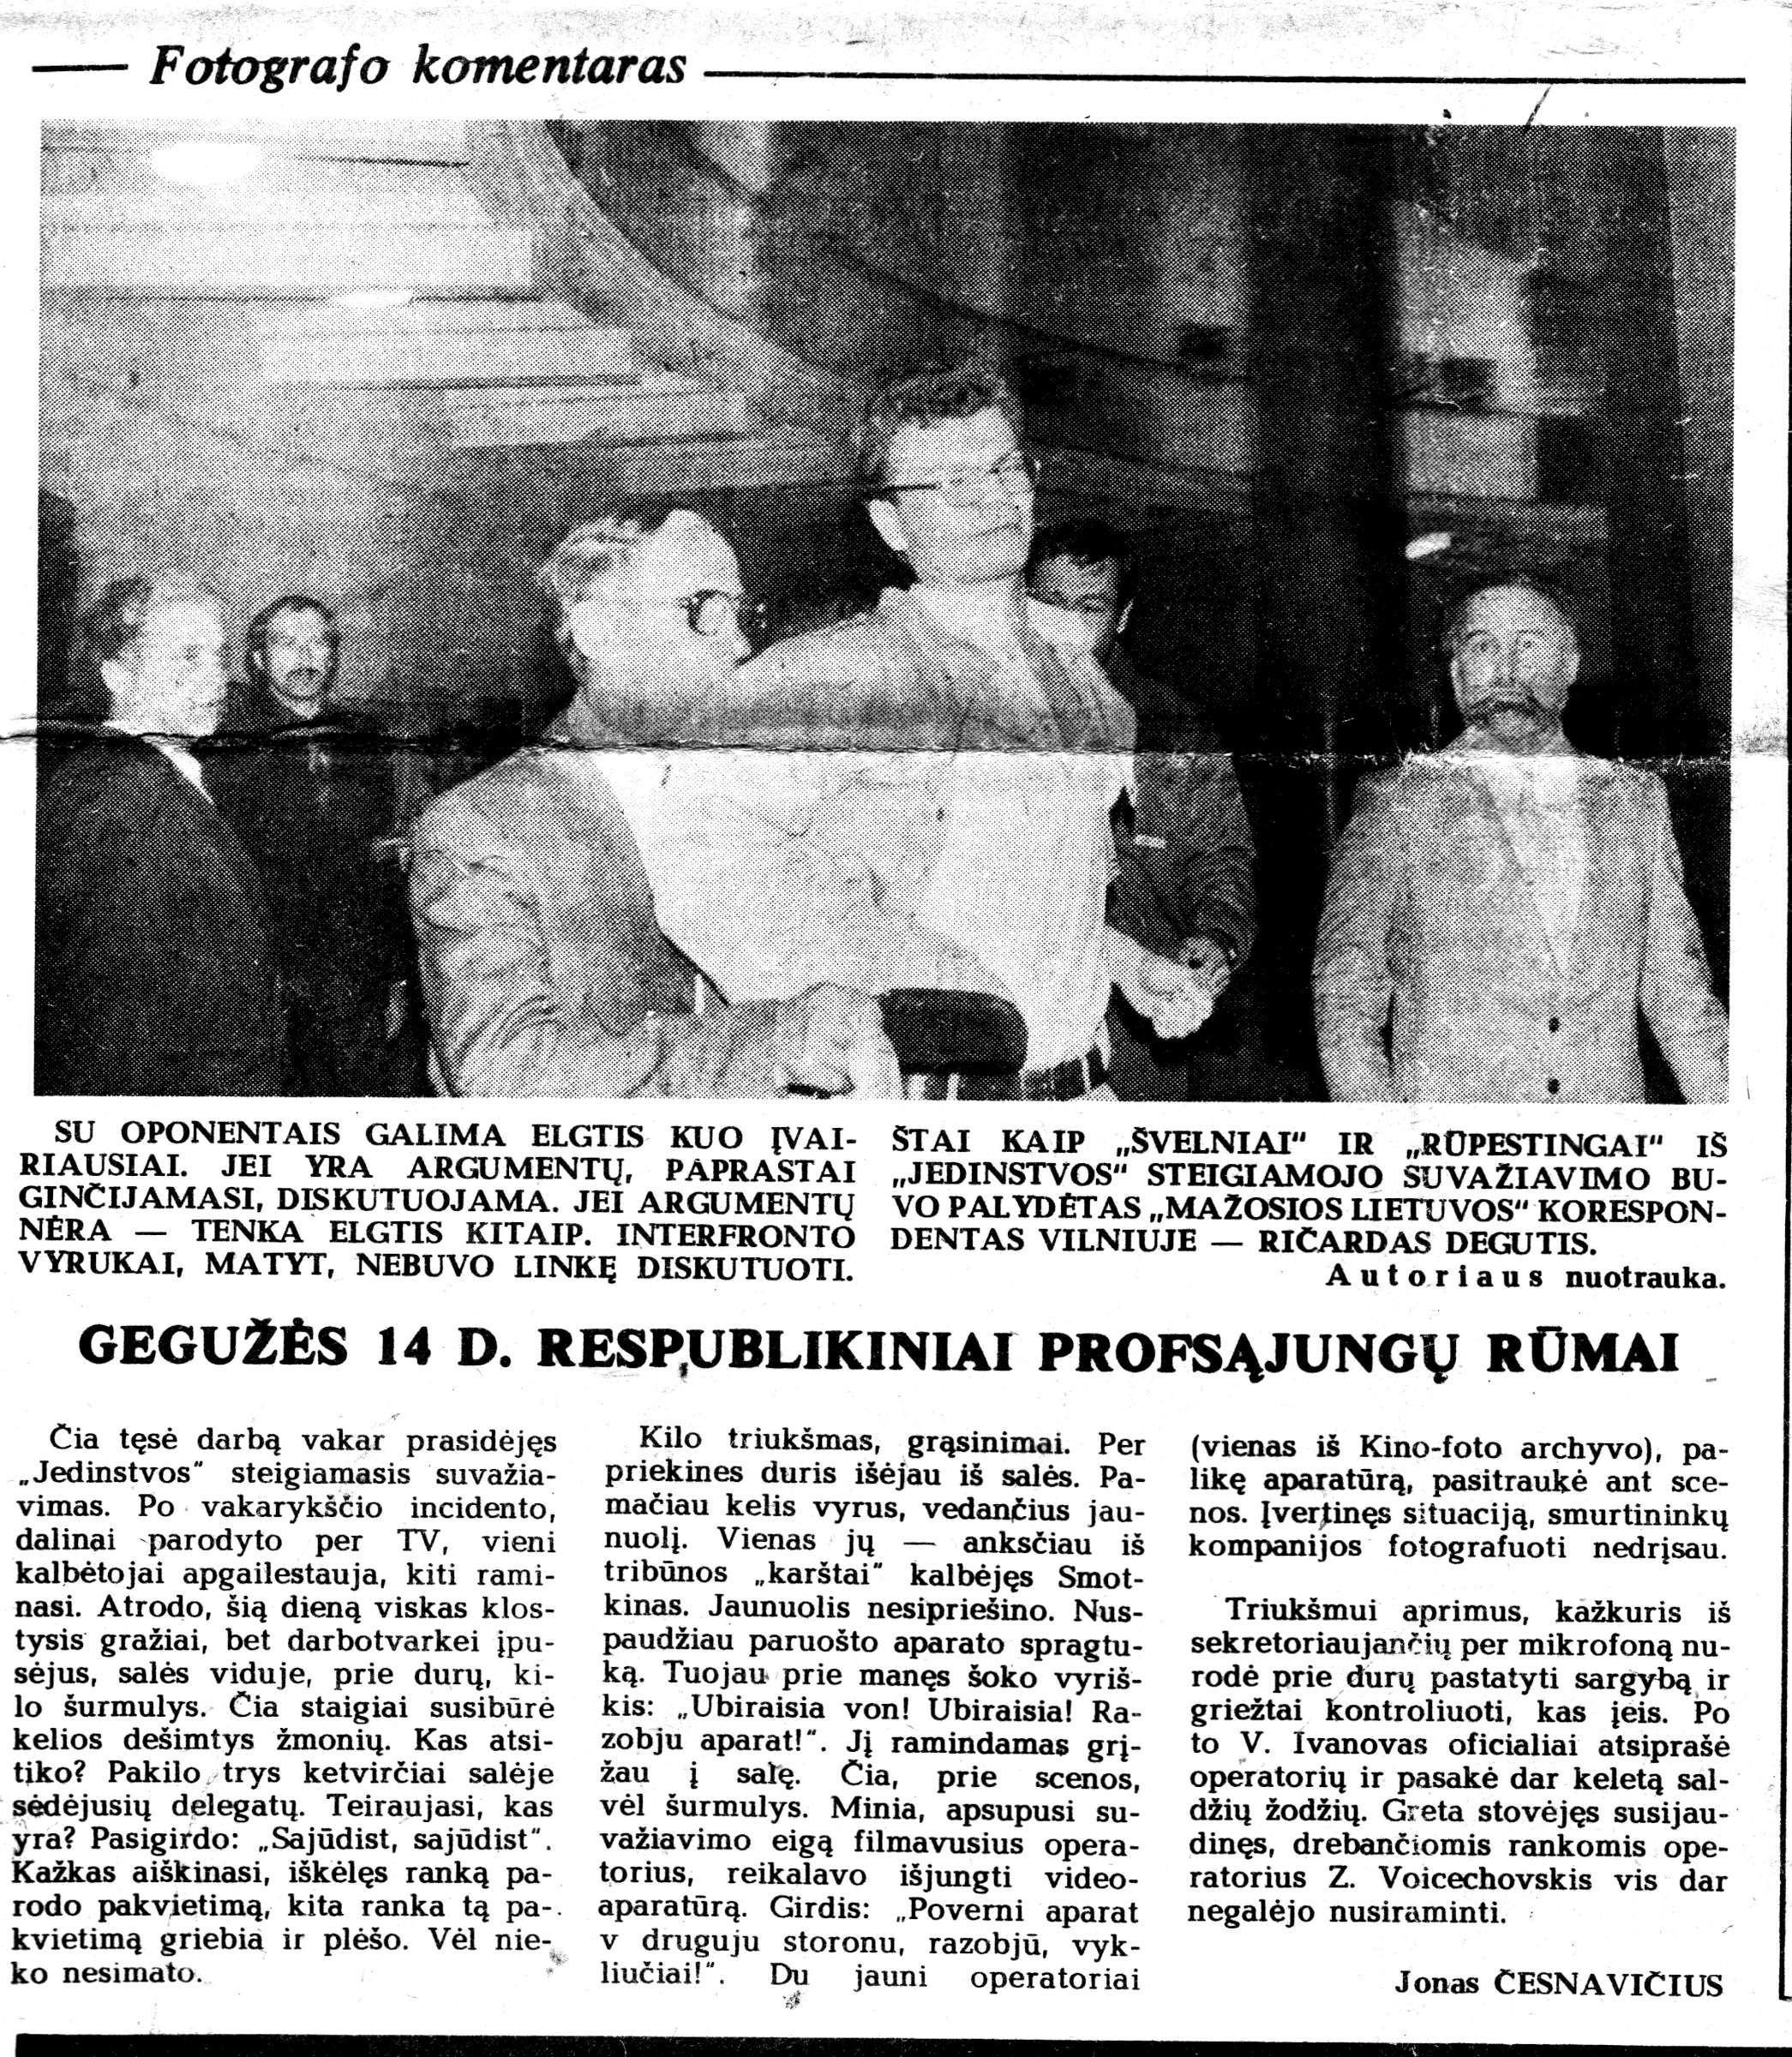 Jonas Česnavičius. Fotografo komentaras / Laikraštis Mažoji Lietuva. 1988 m. gegužės 19 d. | J. Česnavičiaus nuotr.